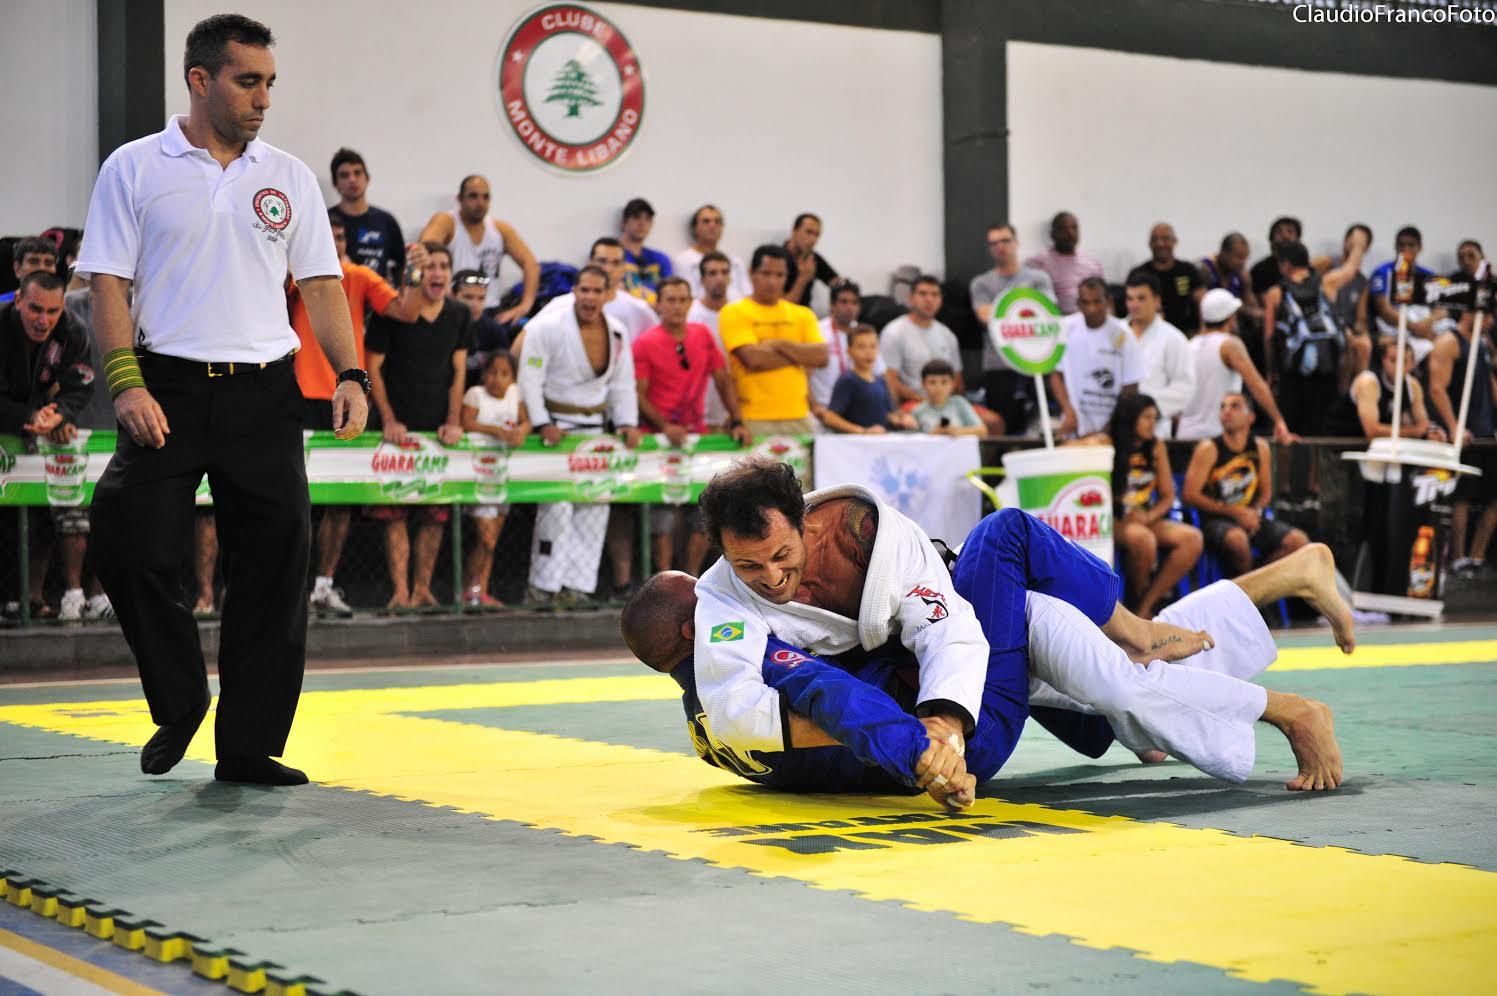 Encontro de Veteranos do Jiu Jitsu no Rio Foto Divulgacao